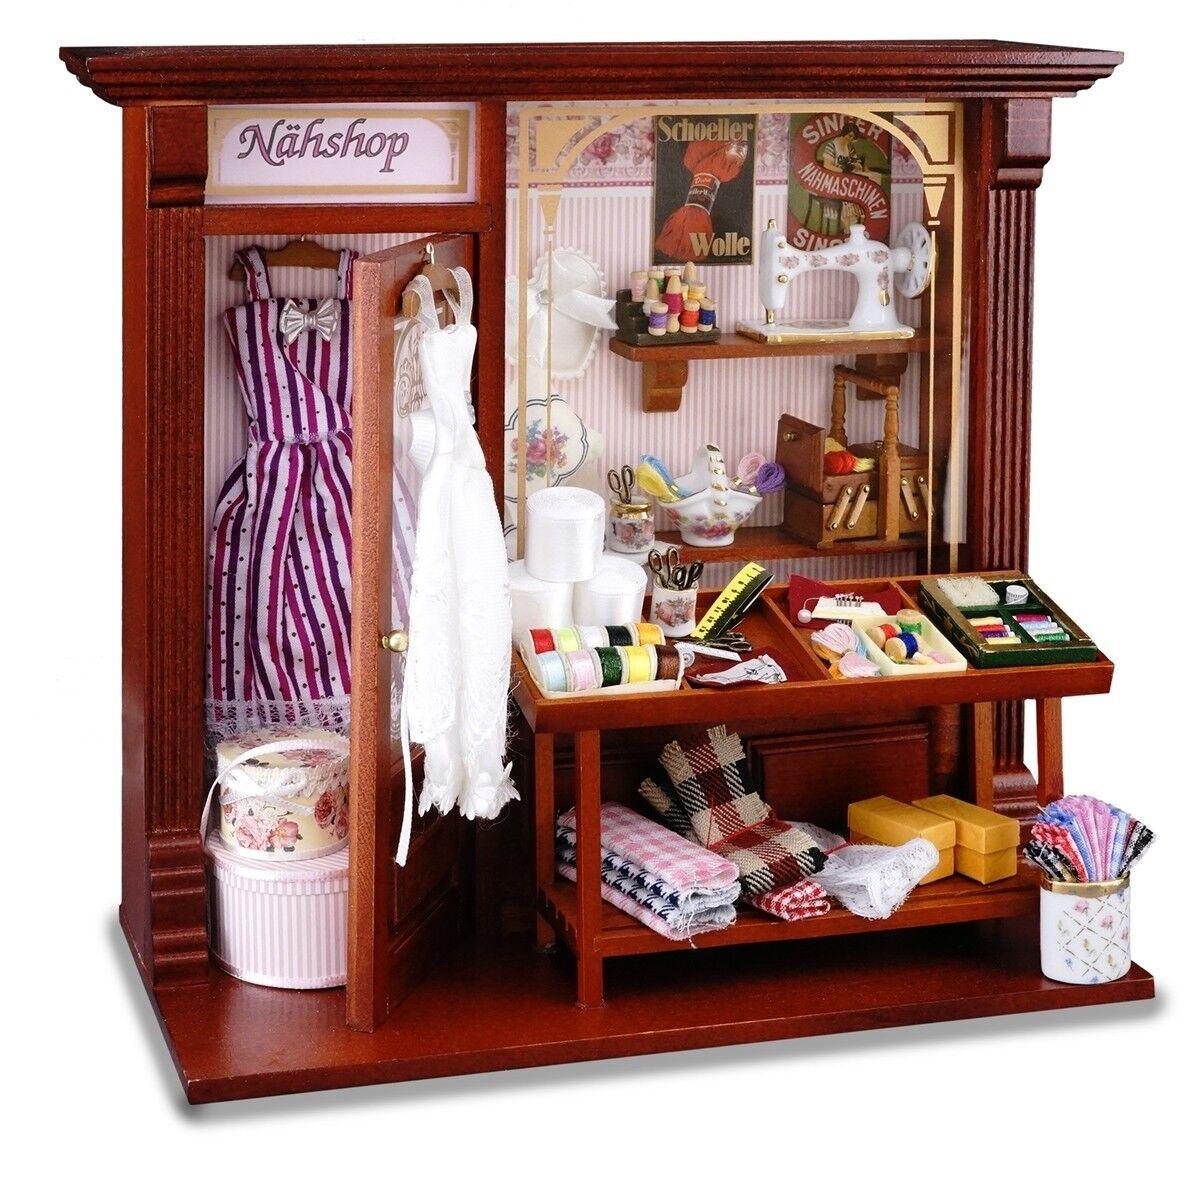 Reutter Porzellan Nähgeschäft Wandbild Sewing Shop Dollnstube 1 12 Art 1.794 6